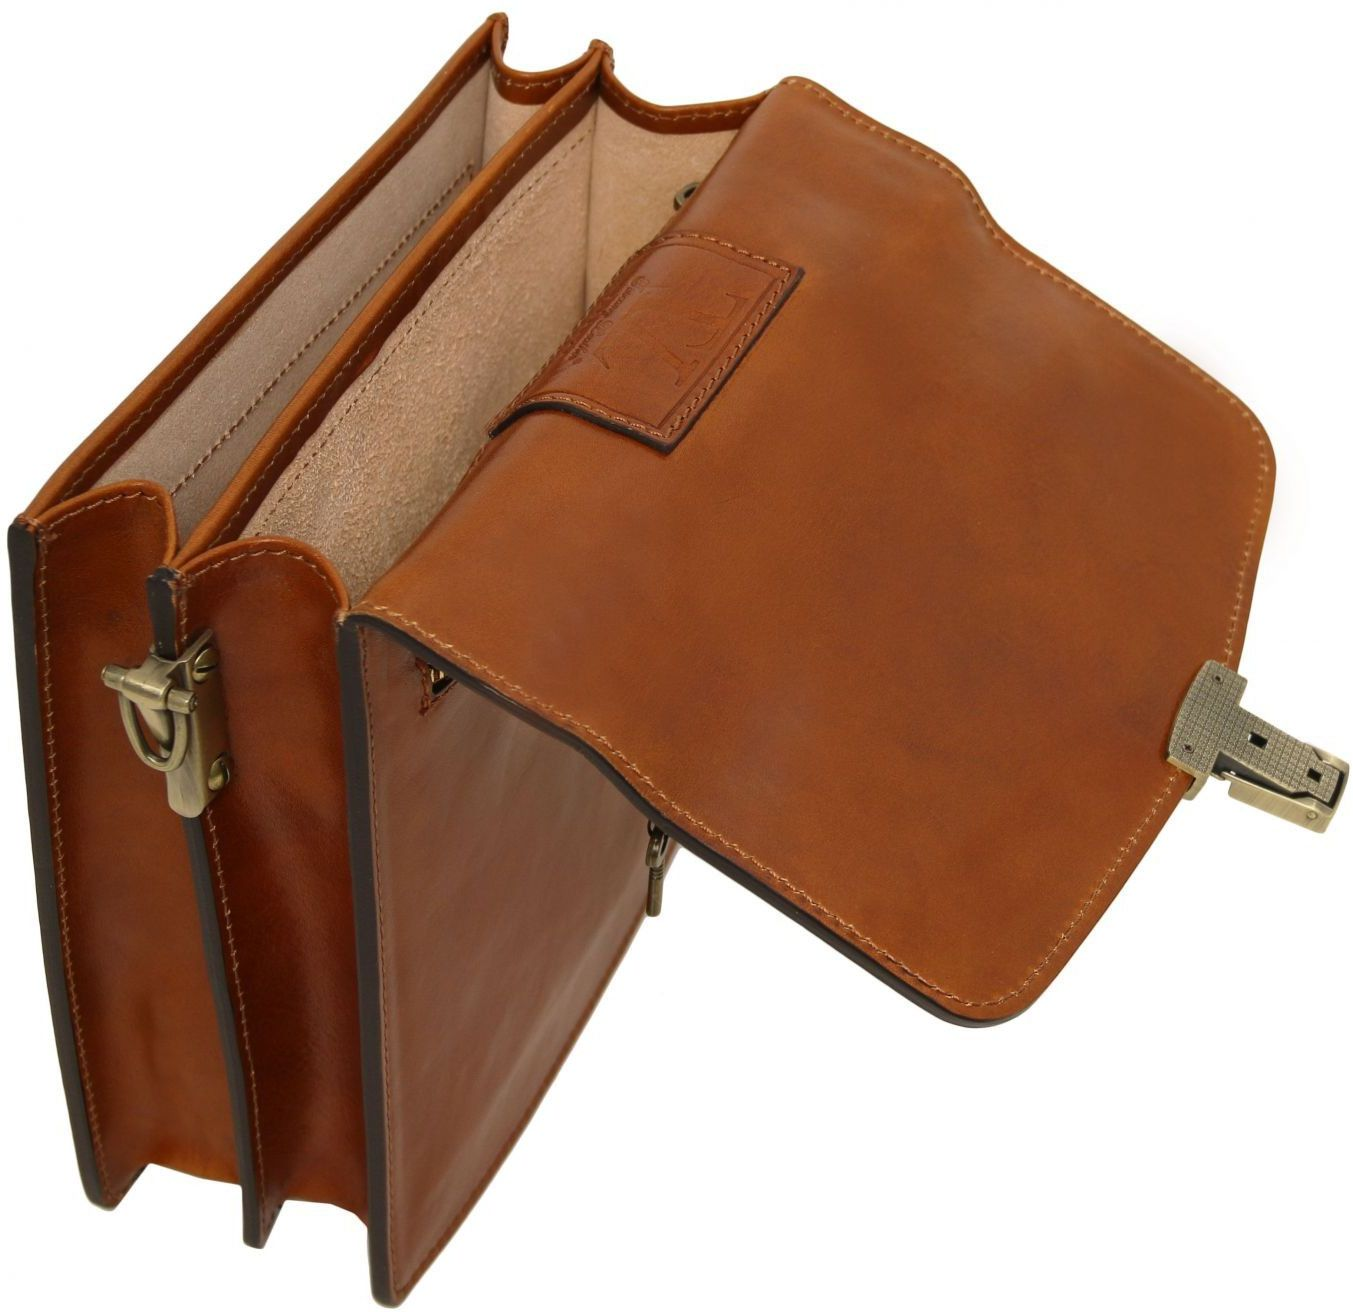 Ανδρικό Τσαντάκι Δερμάτινο David S Καφέ σκούρο Tuscany Leather ανδρας   τσαντάκια